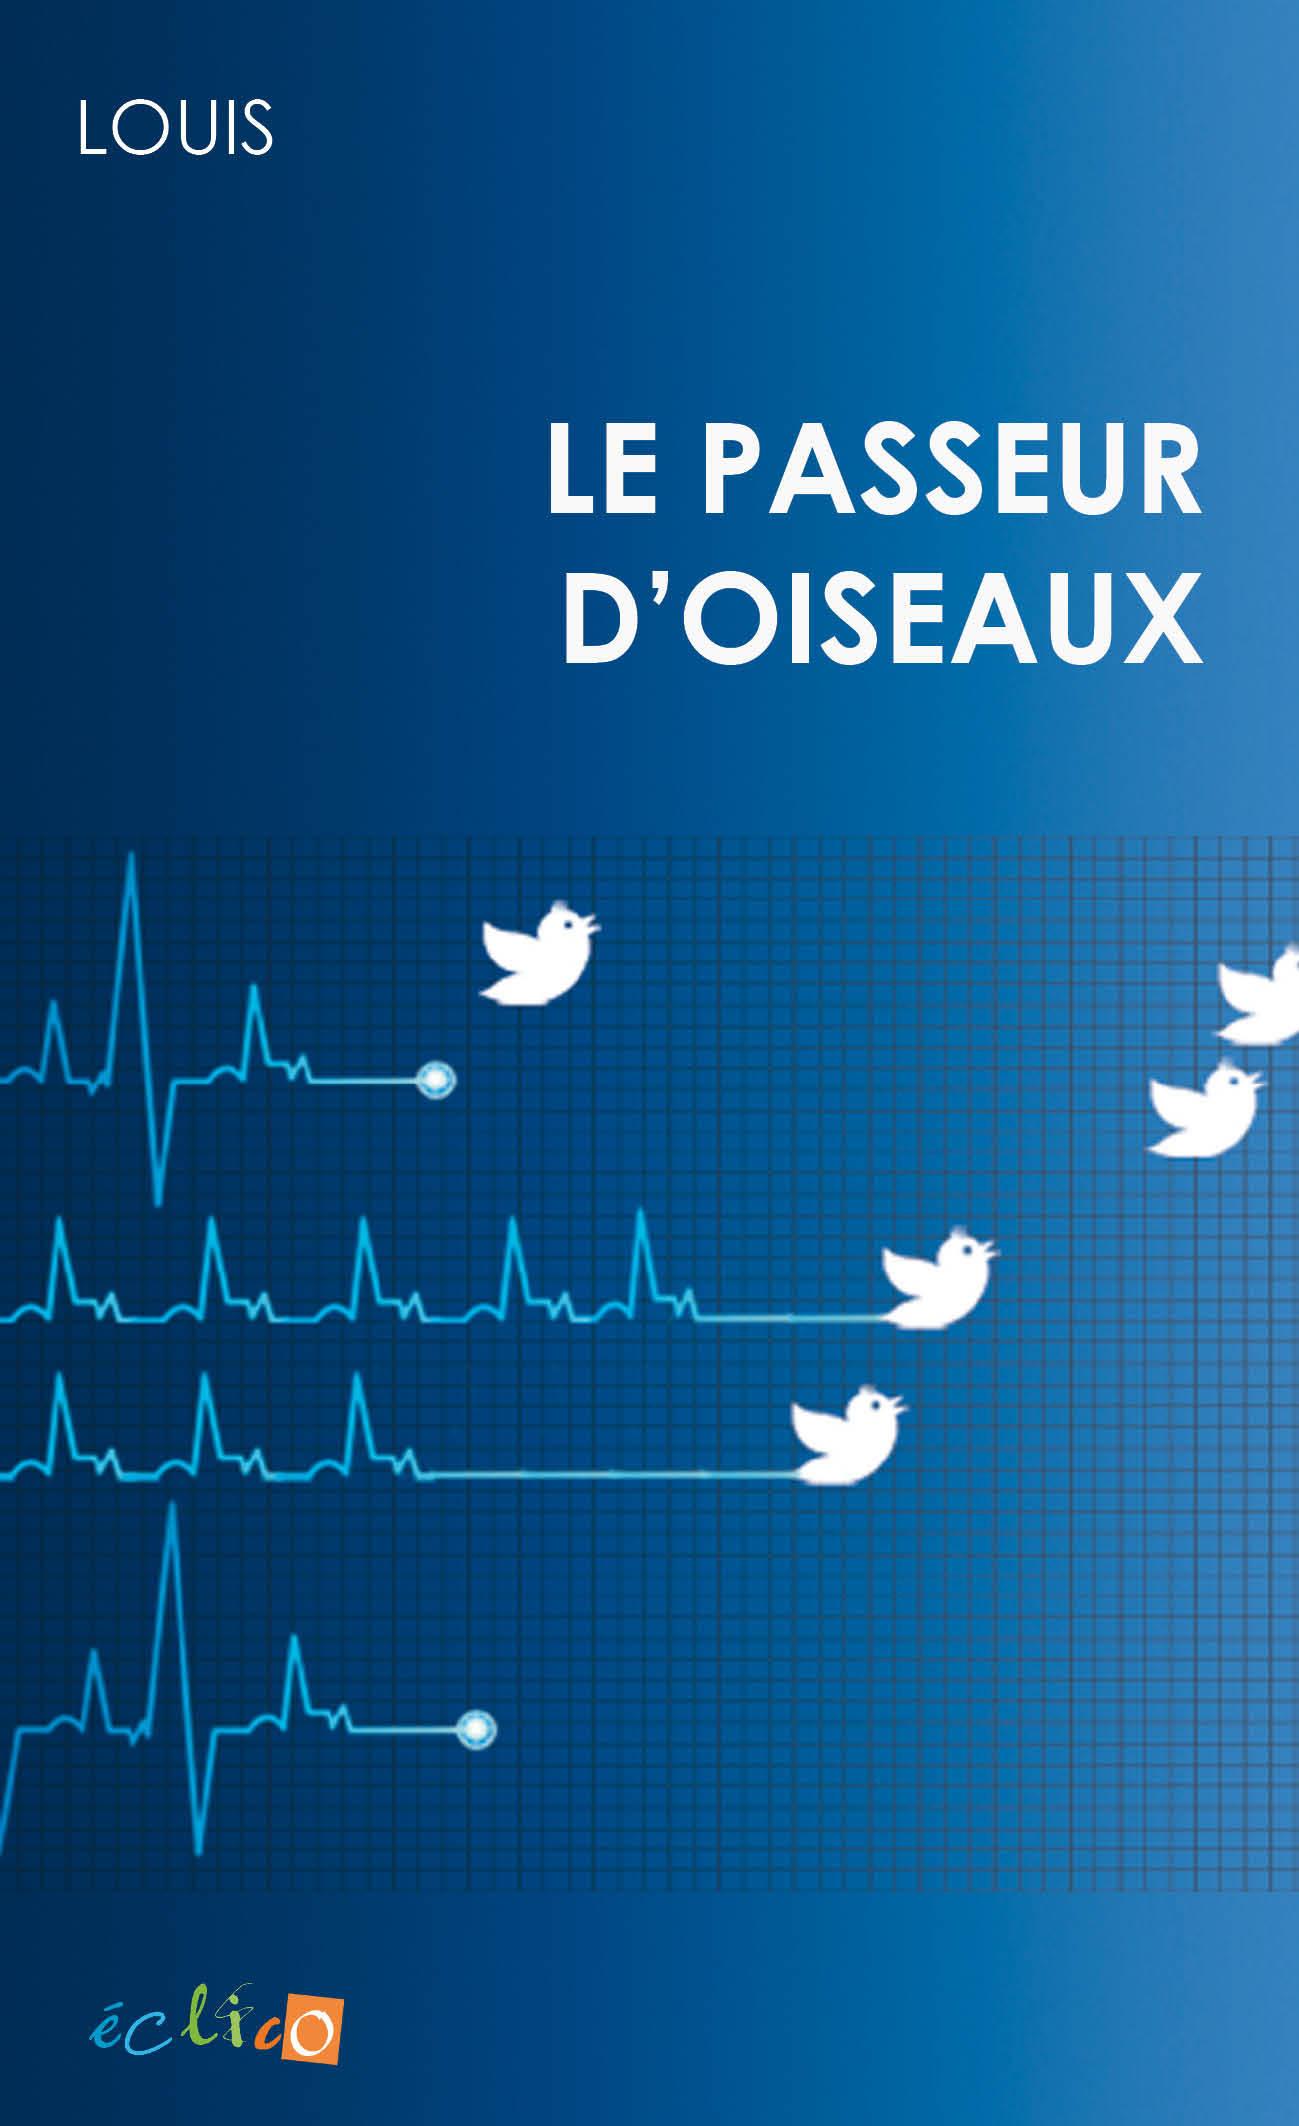 LE PASSEUR D'OISEAUX